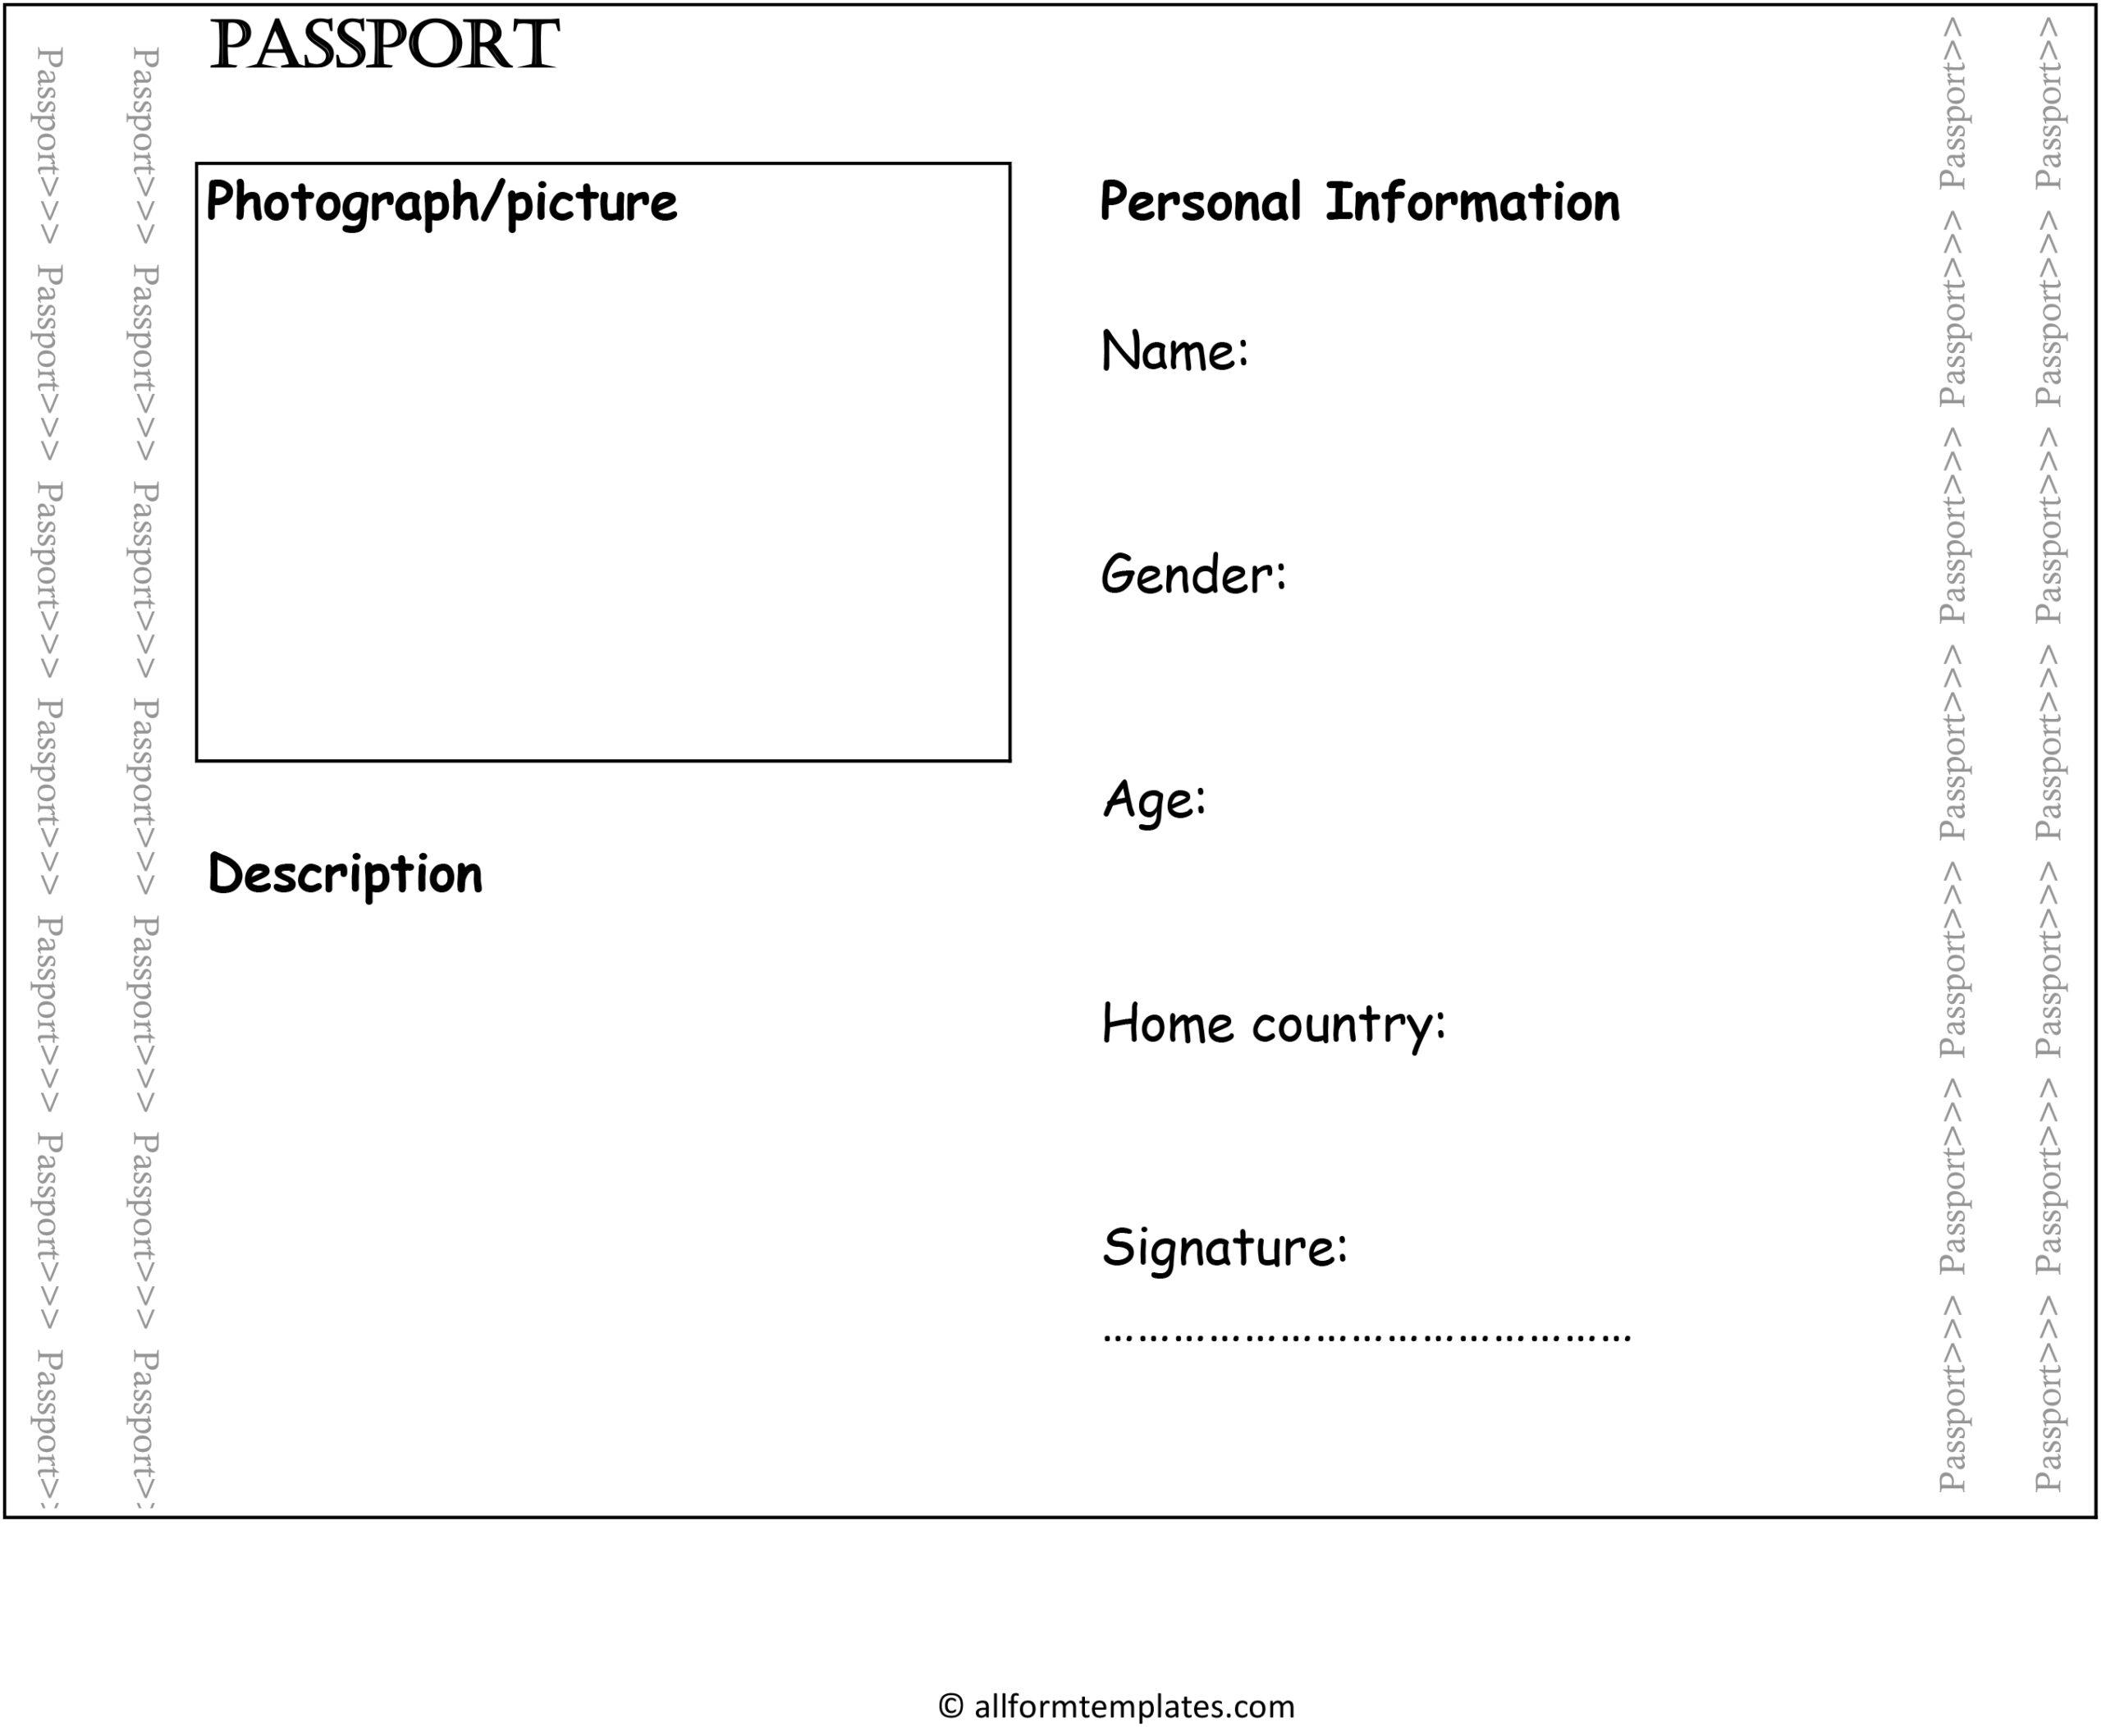 Blank-Double-side-Passport-Template-HD